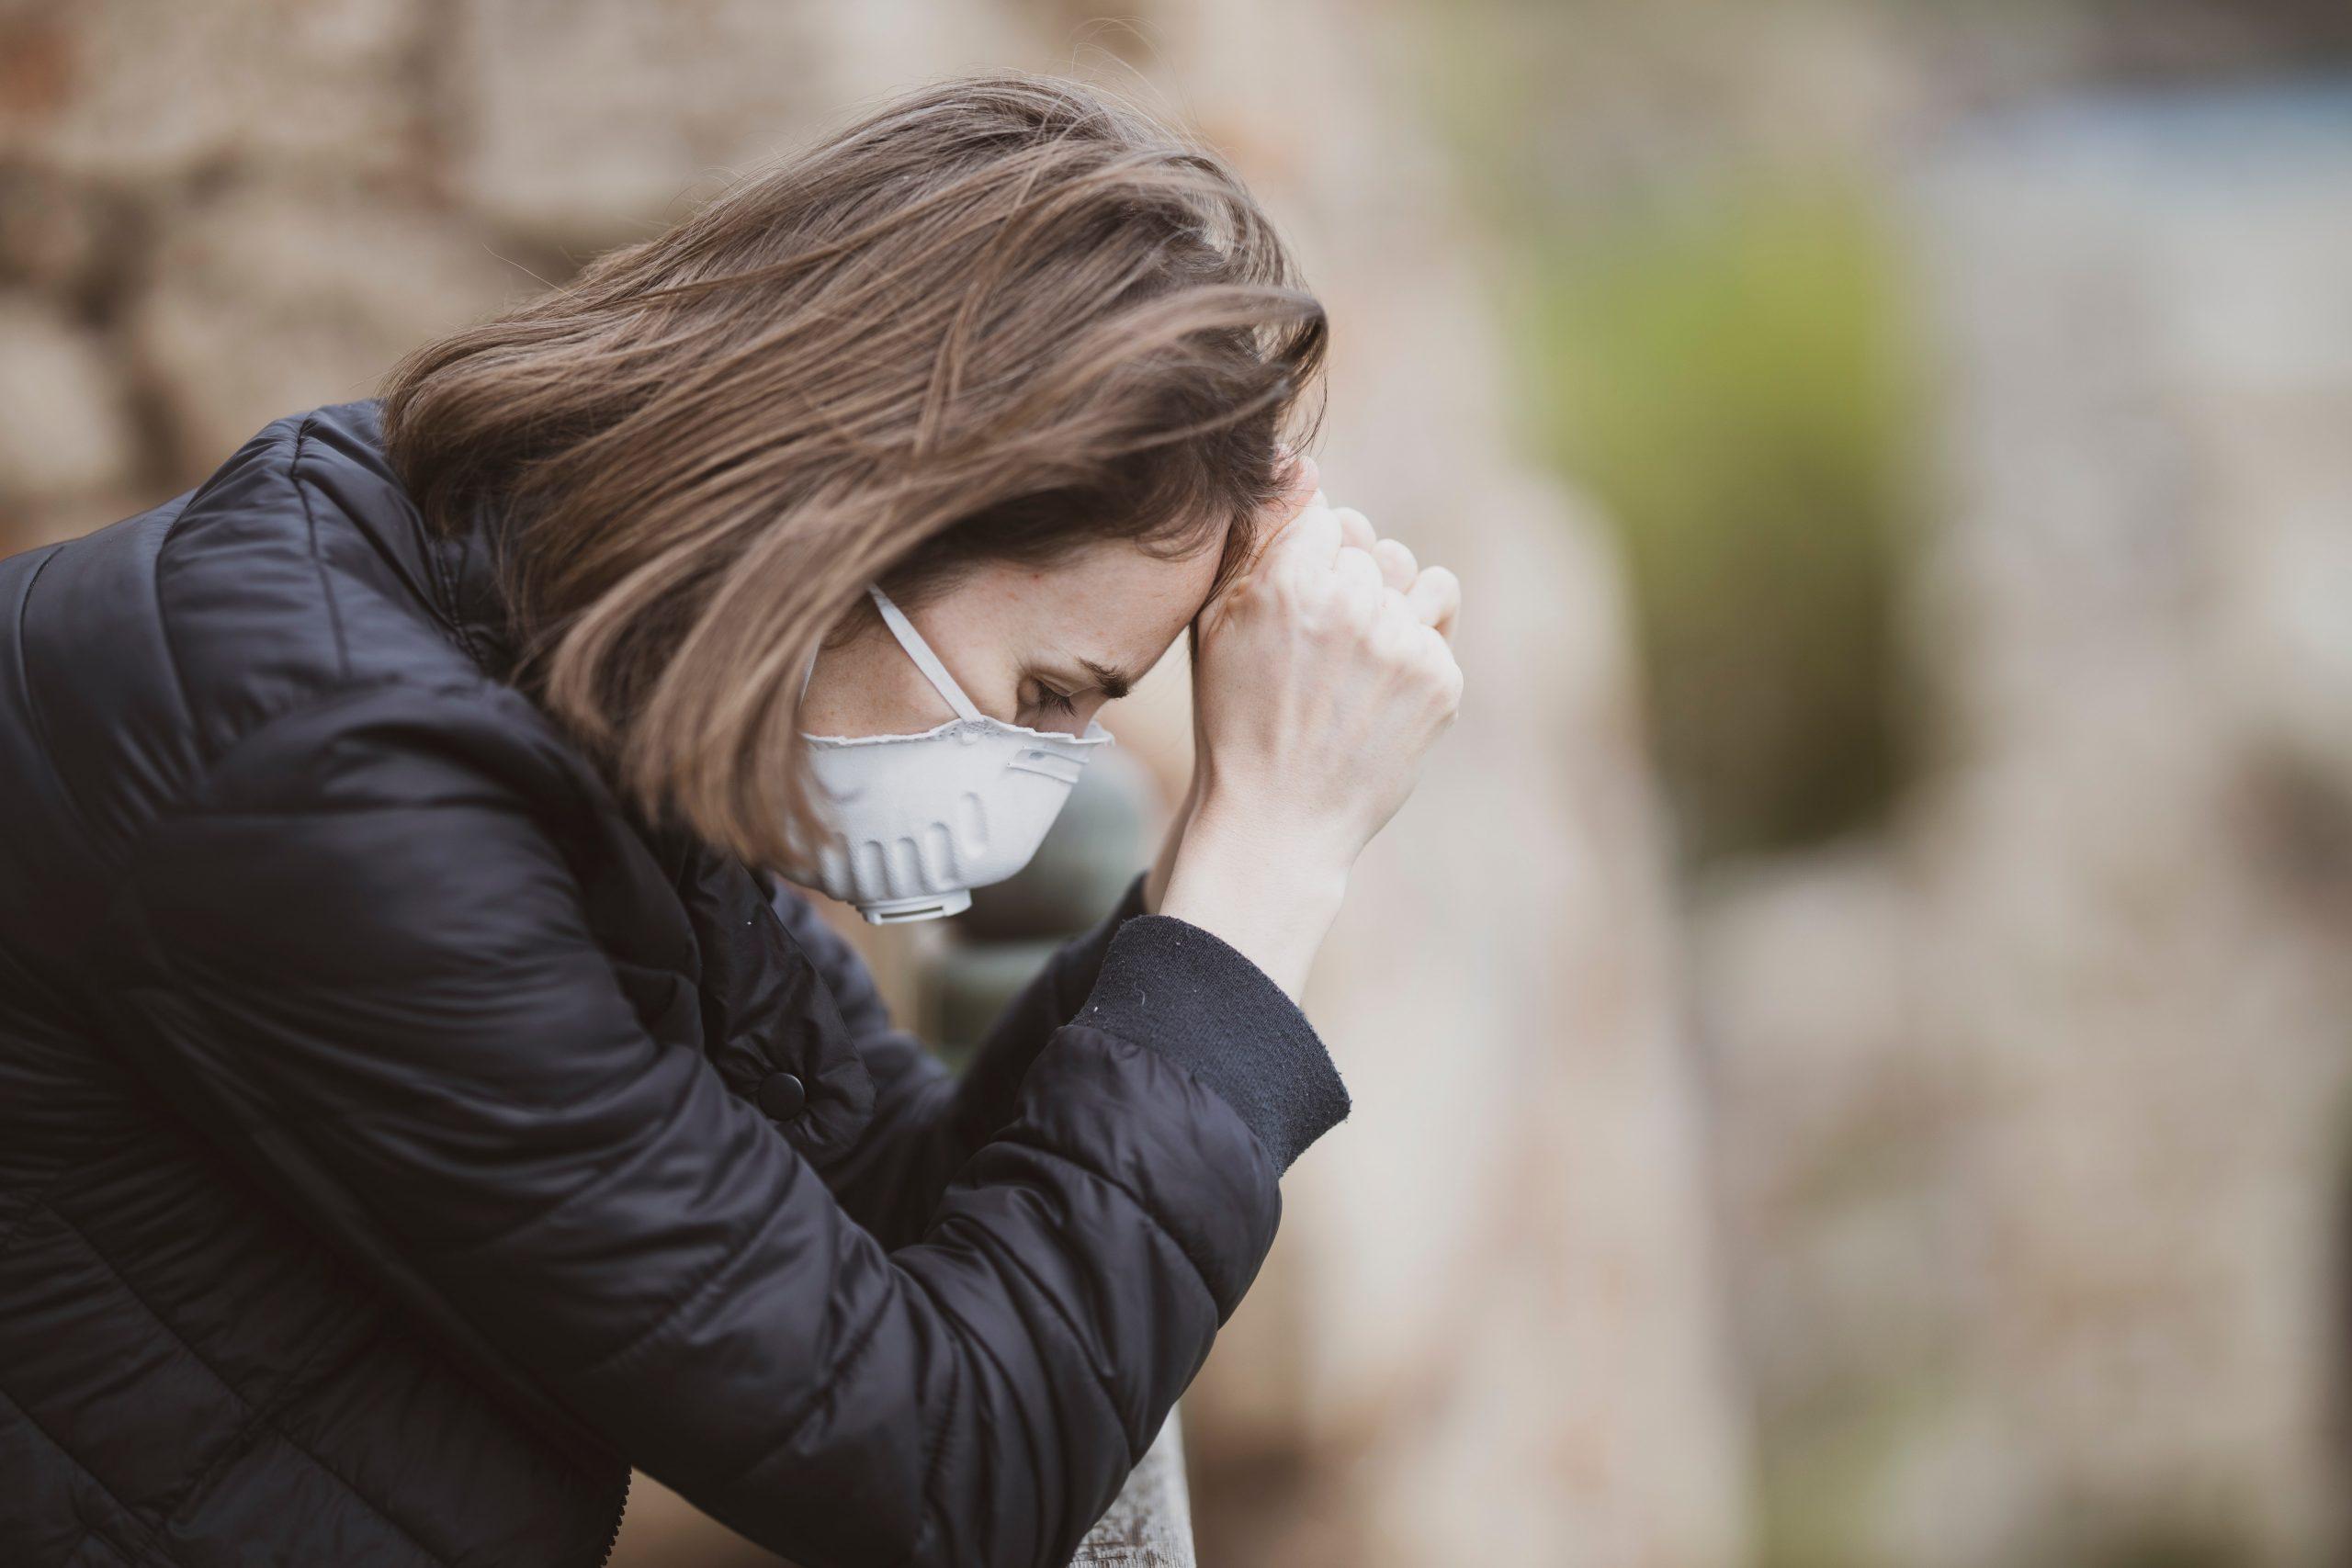 Har du brug for behandling af stress? Overvej en psykolog